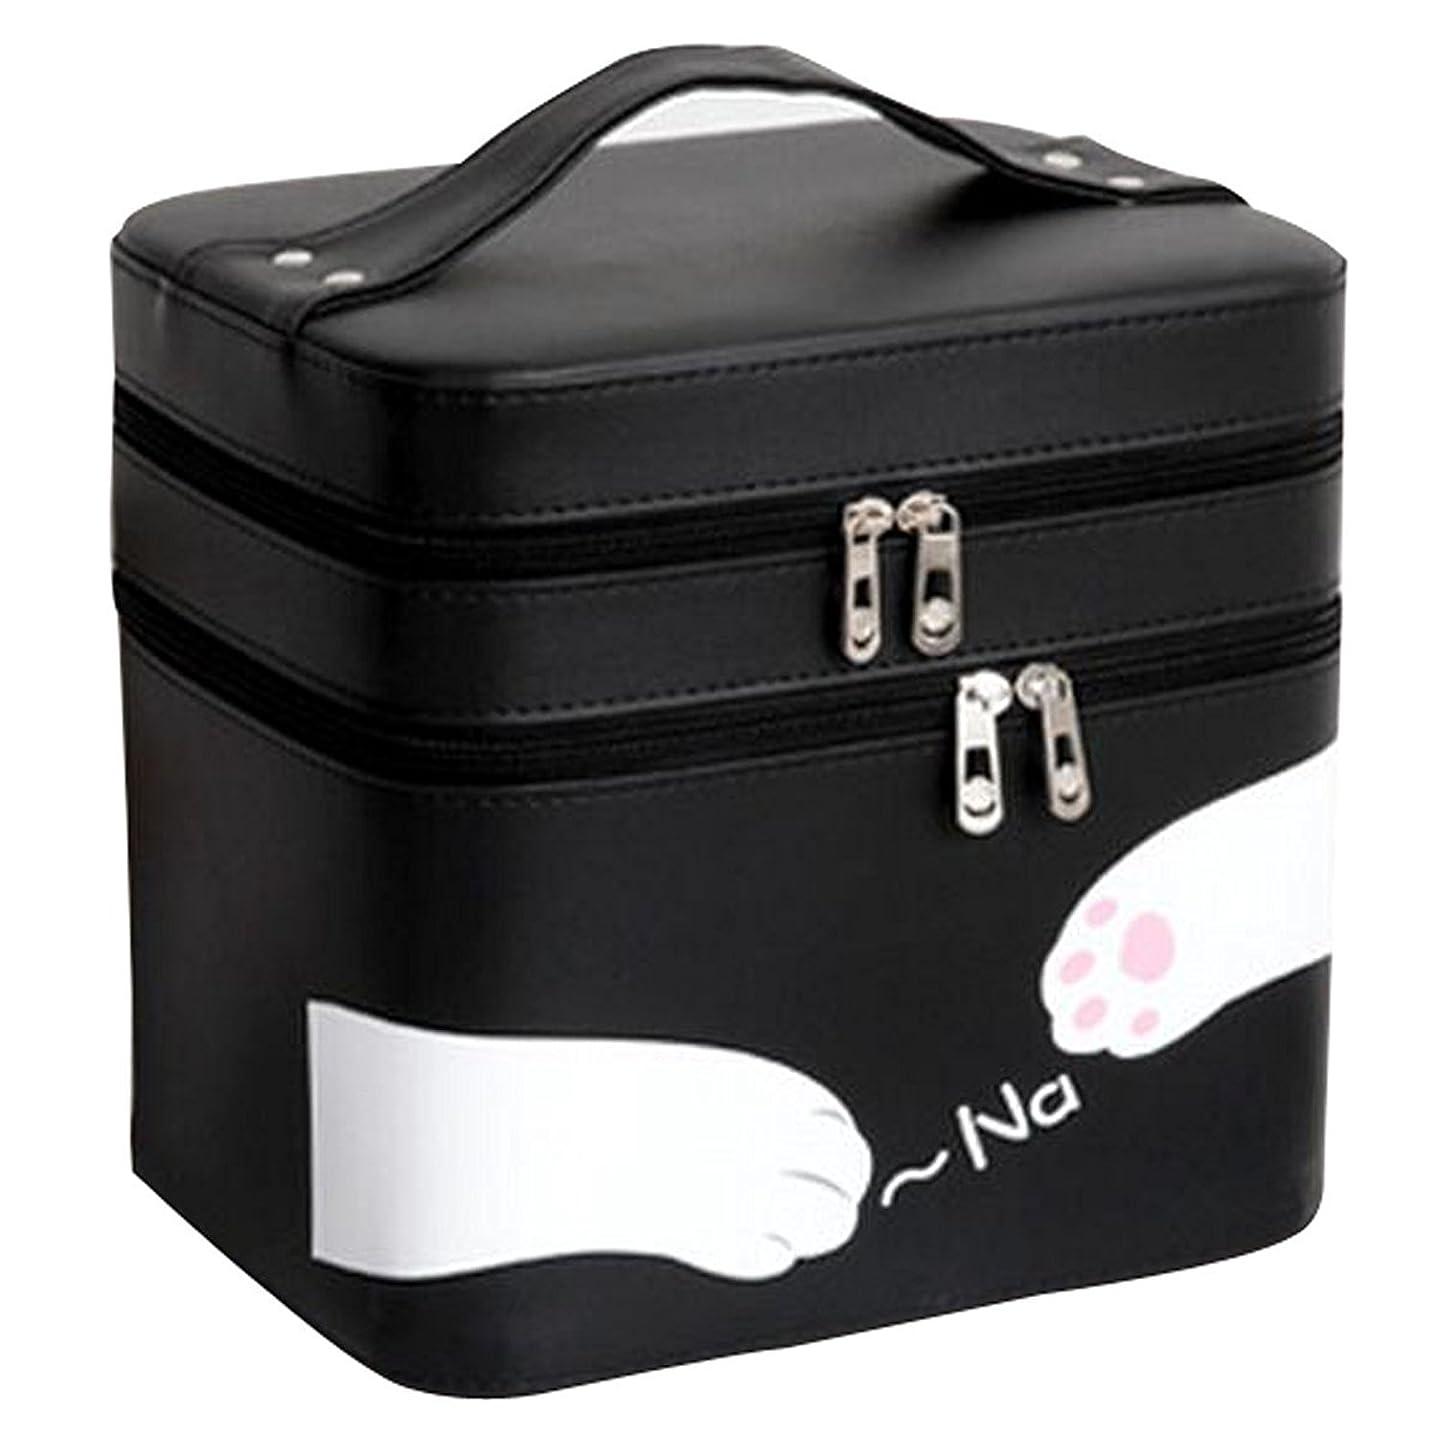 感じるバスルーム動脈FYX 化粧品収納 収納ケース コスメボックス メイク用品収納 小物入れ 大容量 取っ手付 ミラー付き 携帯に便利  カワイイネコ 3段タイプ (ブラック)